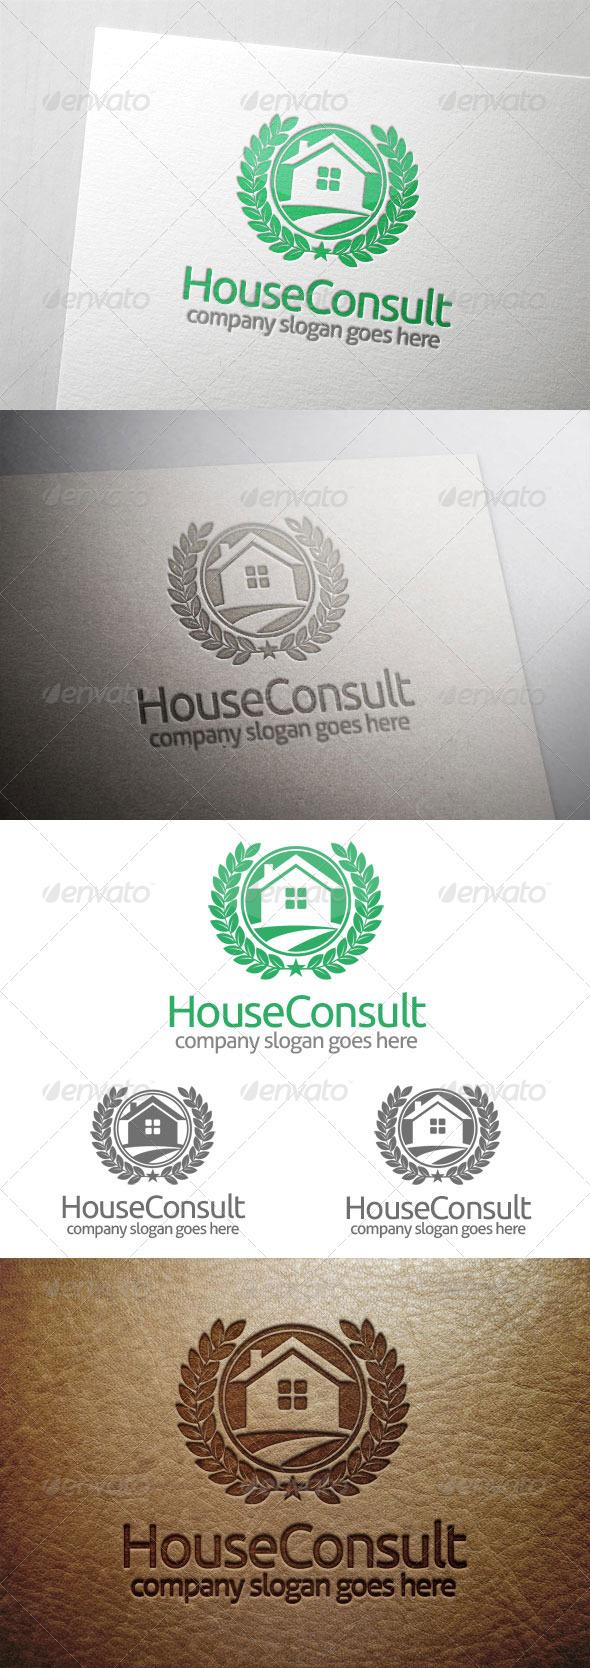 GraphicRiver House Consult Logo 5954486